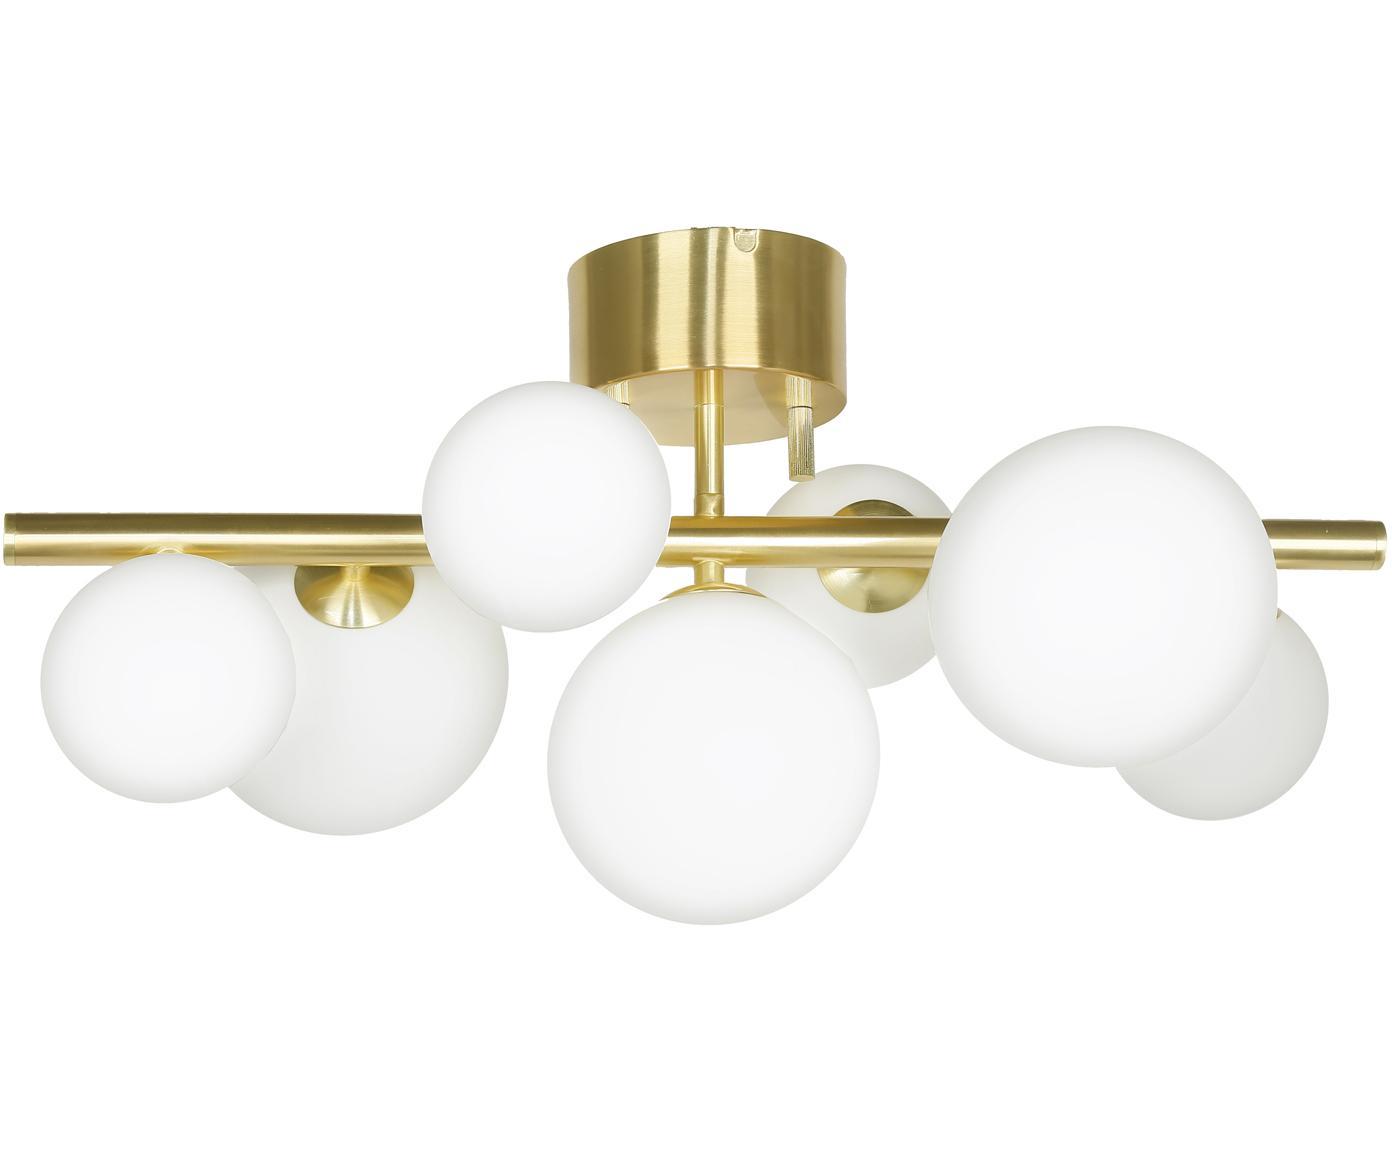 Deckenleuchte Molekyl, Lampenschirm: Opalglas, Messing, Opalweiß, 58 x 30 cm